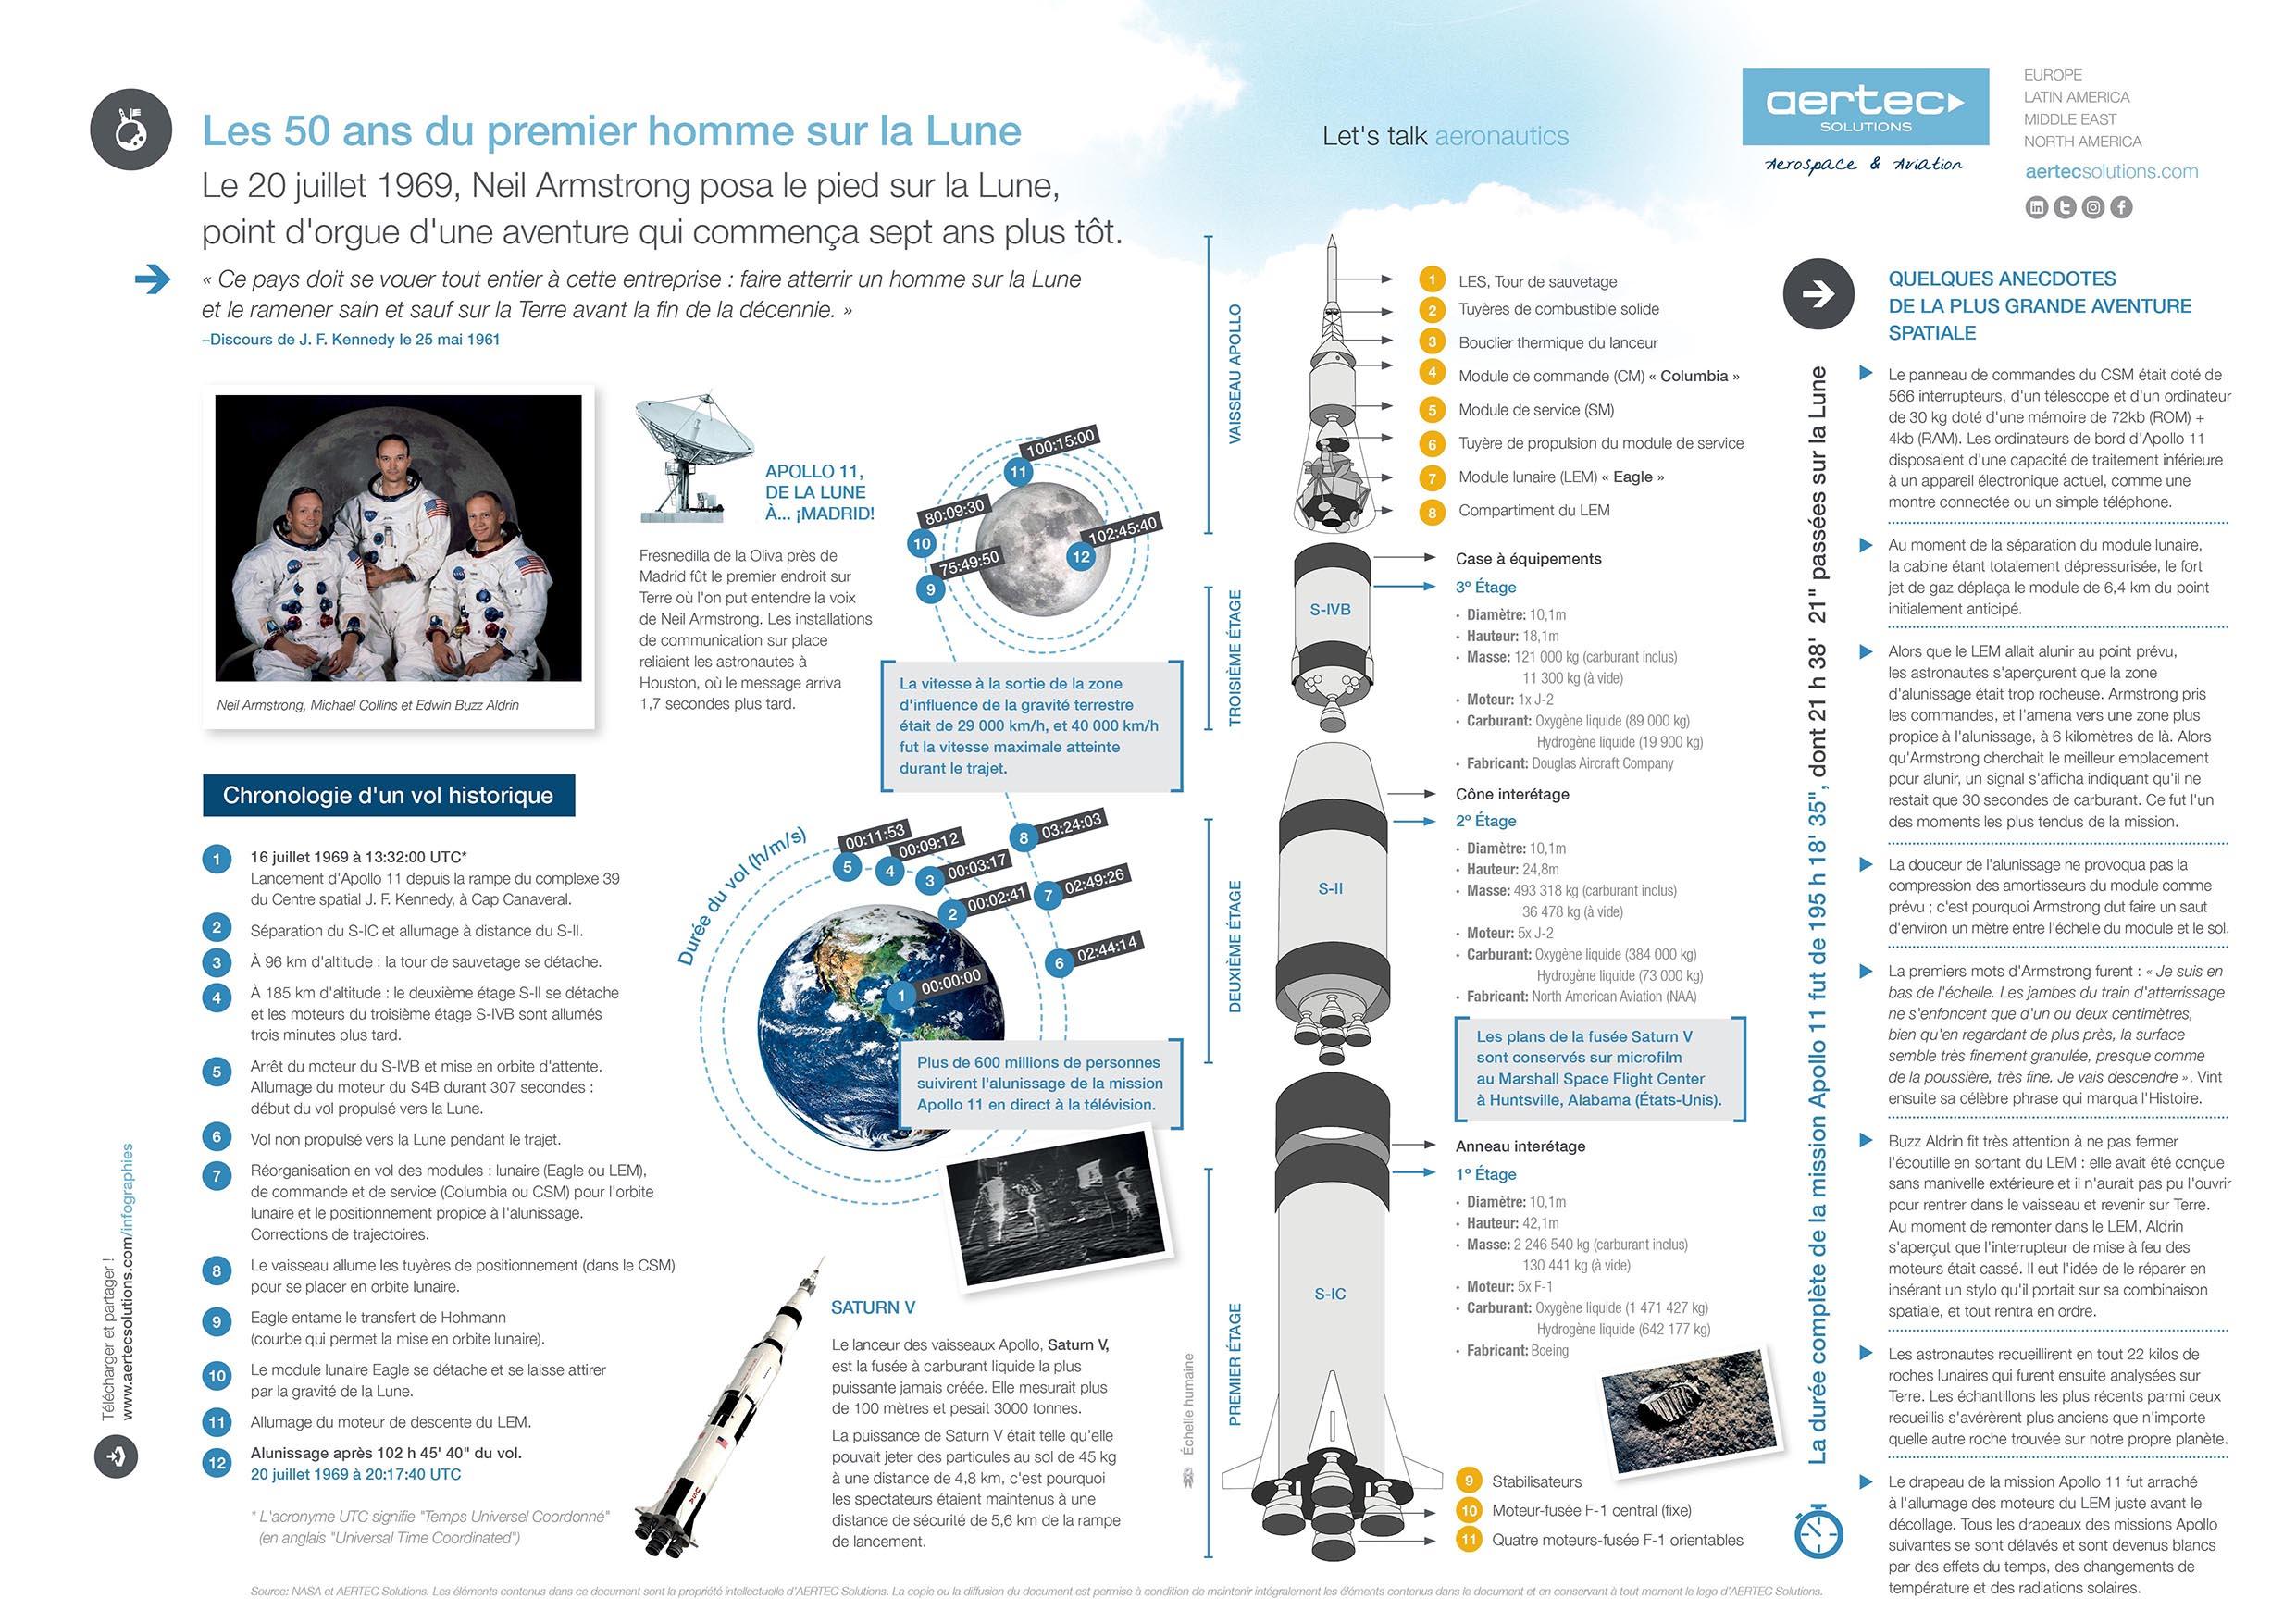 Infographie / Les 50 ans du premier homme sur la Lune